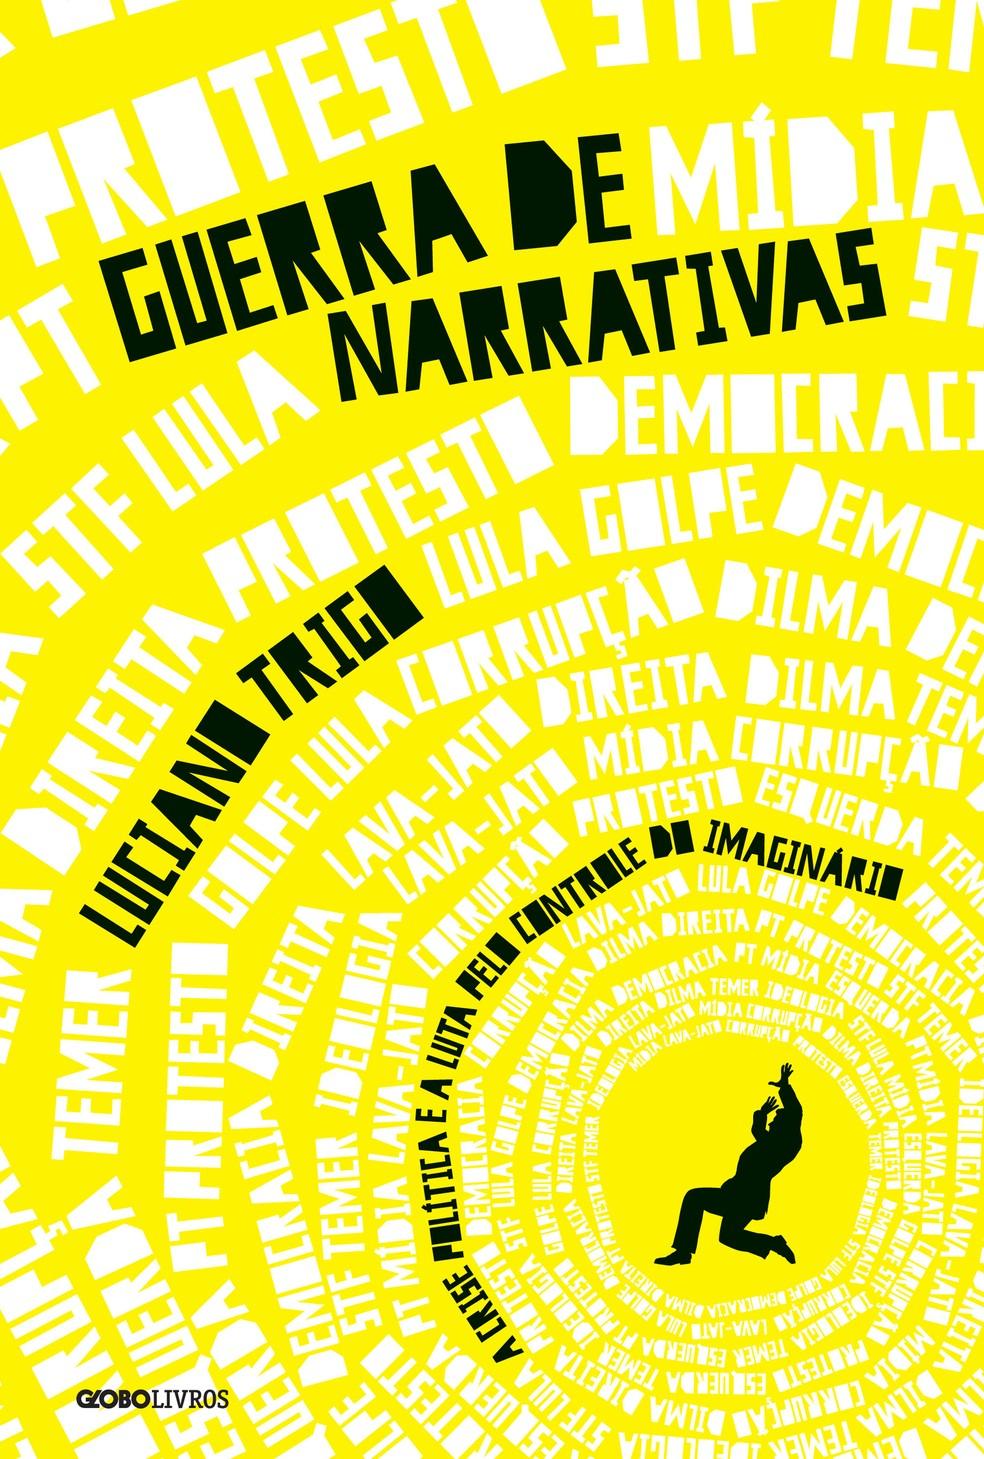 Capa do livro 'Guerra de narrativas – A crise política e a luta pelo controle do imaginário' (Globo Livros), do jornalista e escritor Luciano Trigo (Foto: Divulgação/Globo Livros)